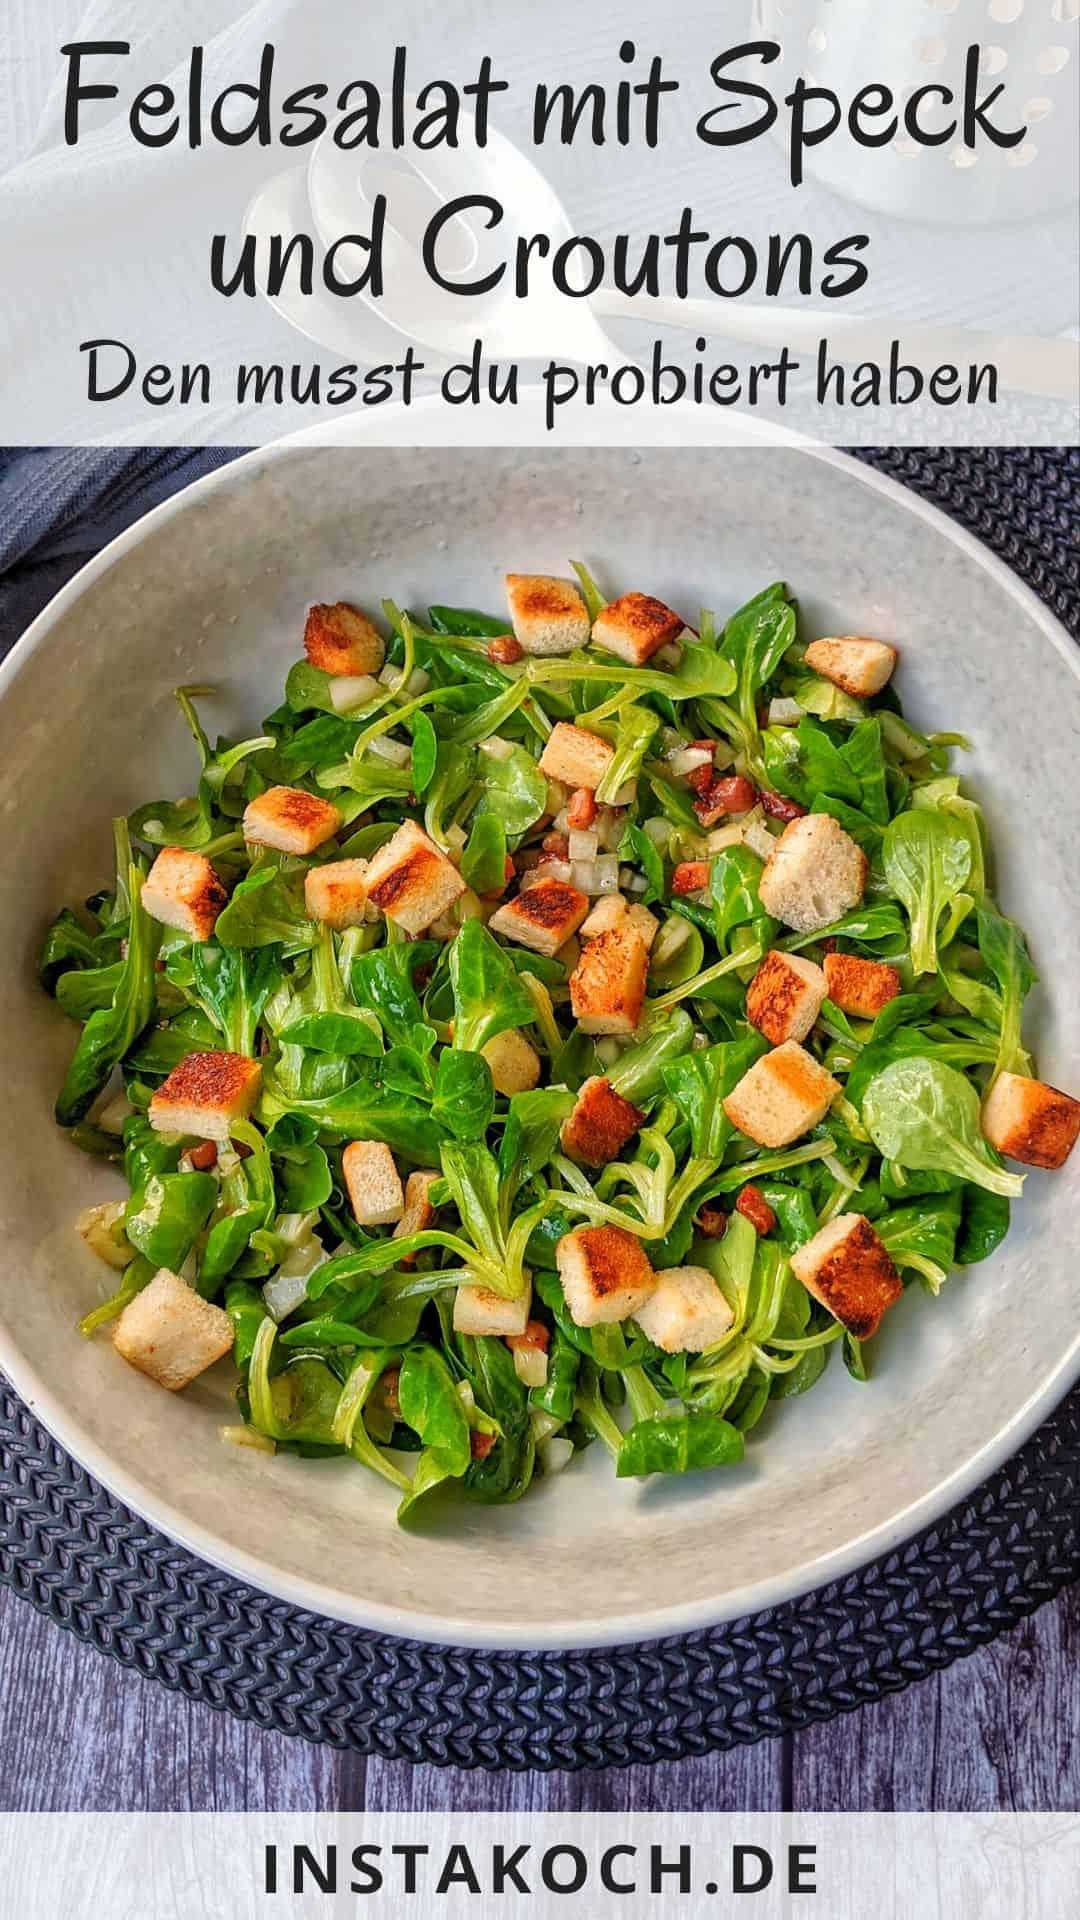 Eine Schüssel mit Feldsalat mit Speck und Croutons